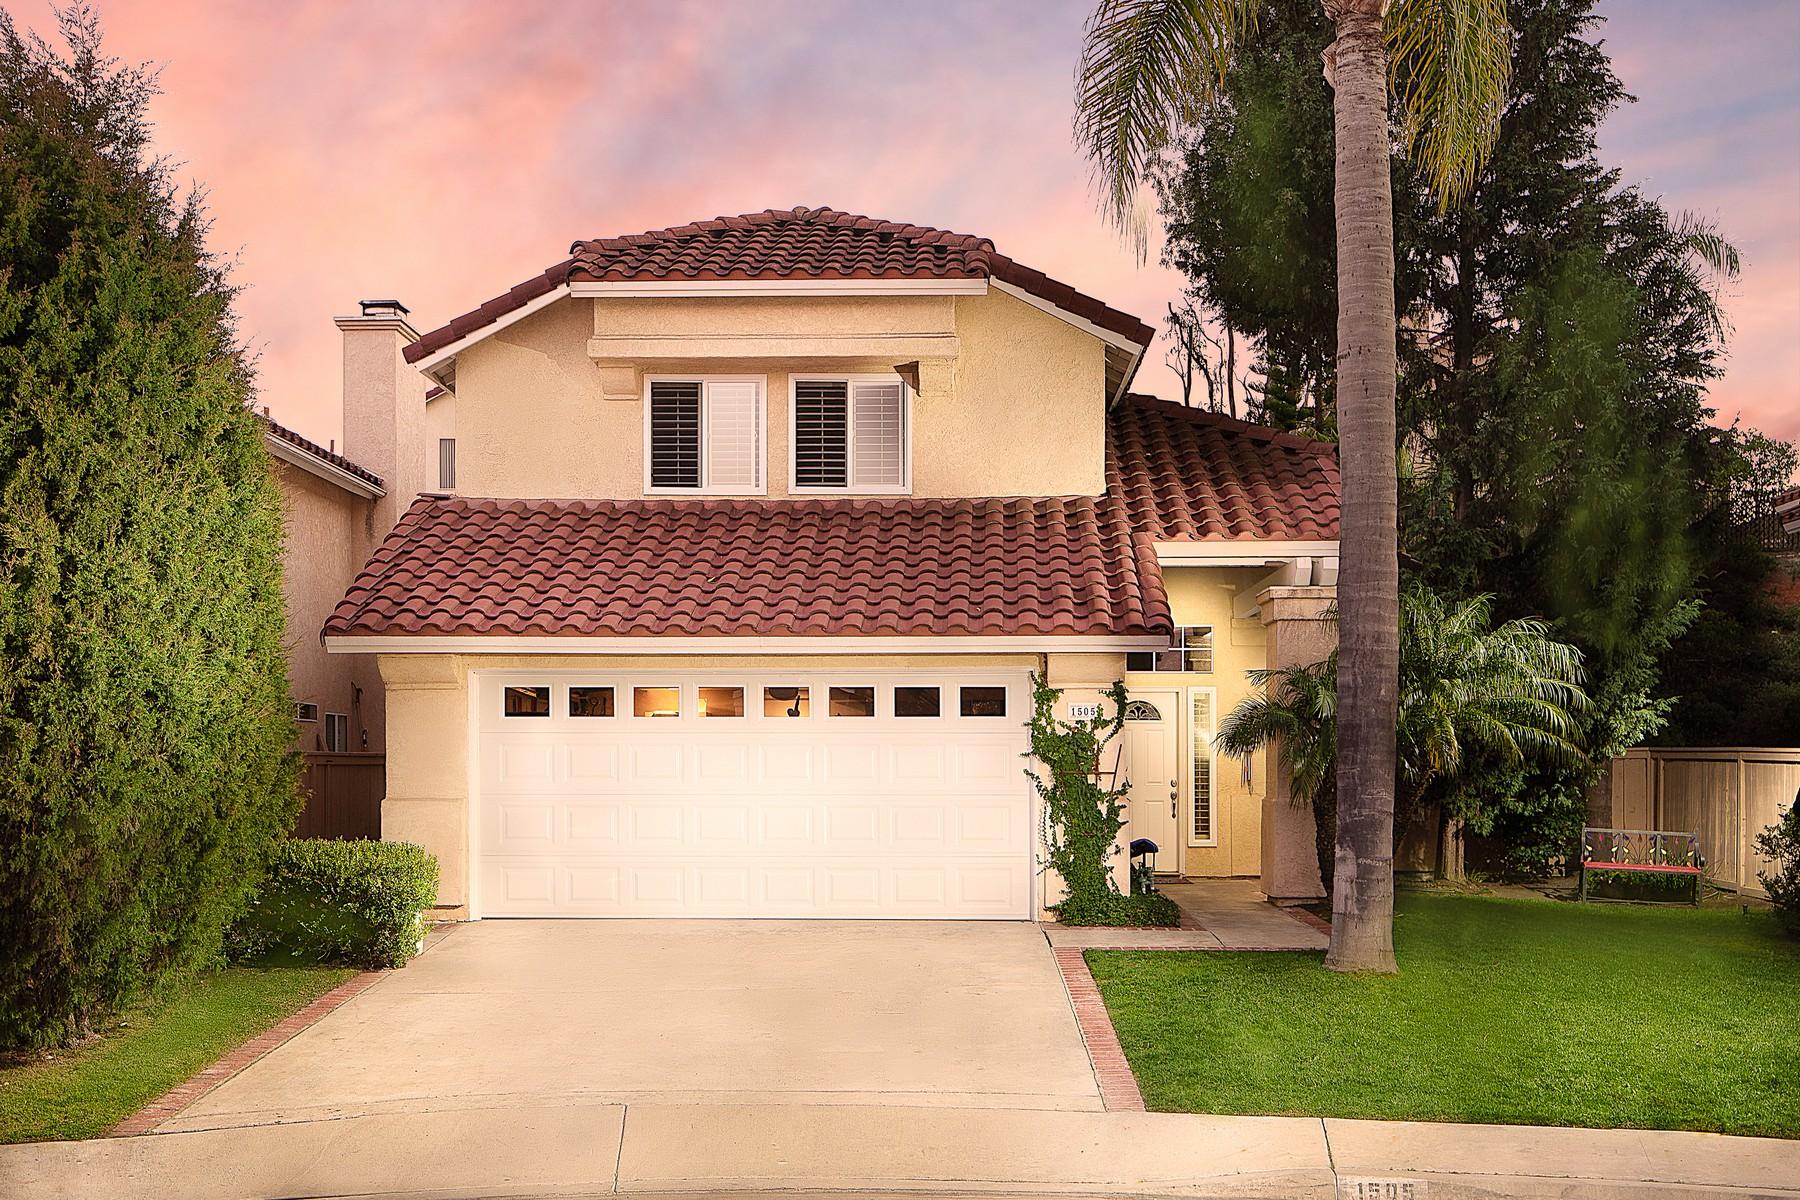 Single Family Homes para Venda às A Spacious home located at the end of a quiet Cul-de-sac. 1505 Promontory Ridge Way, Vista, Califórnia 92081 Estados Unidos